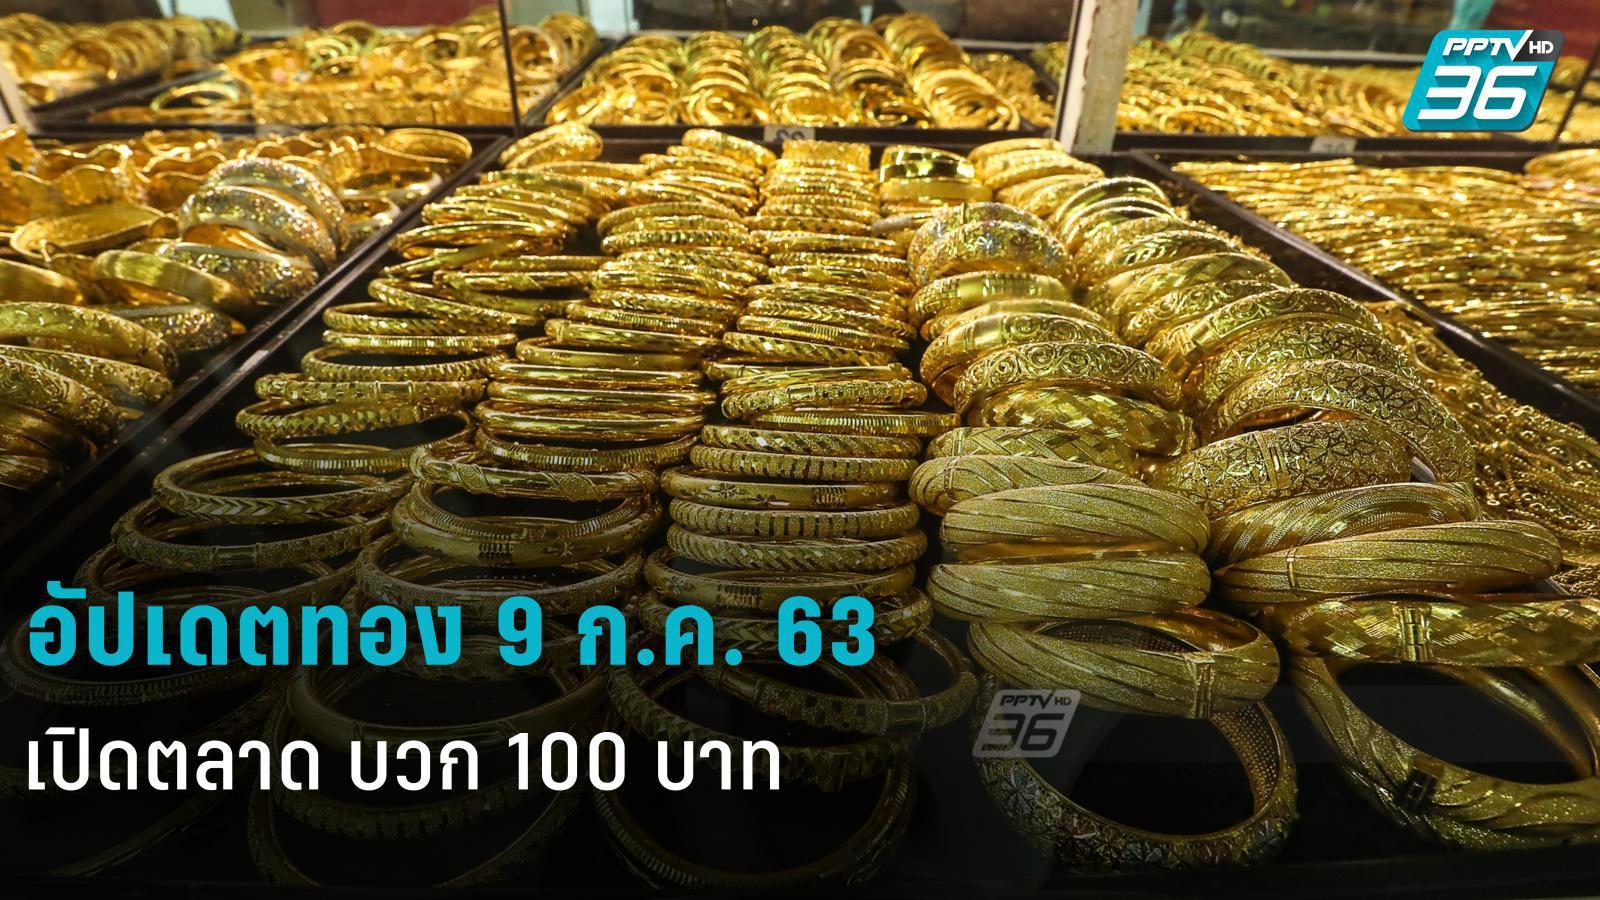 ราคาทองวันนี้ – 9 ก.ค. 63 เปิดตลาด บวก 100 บาท